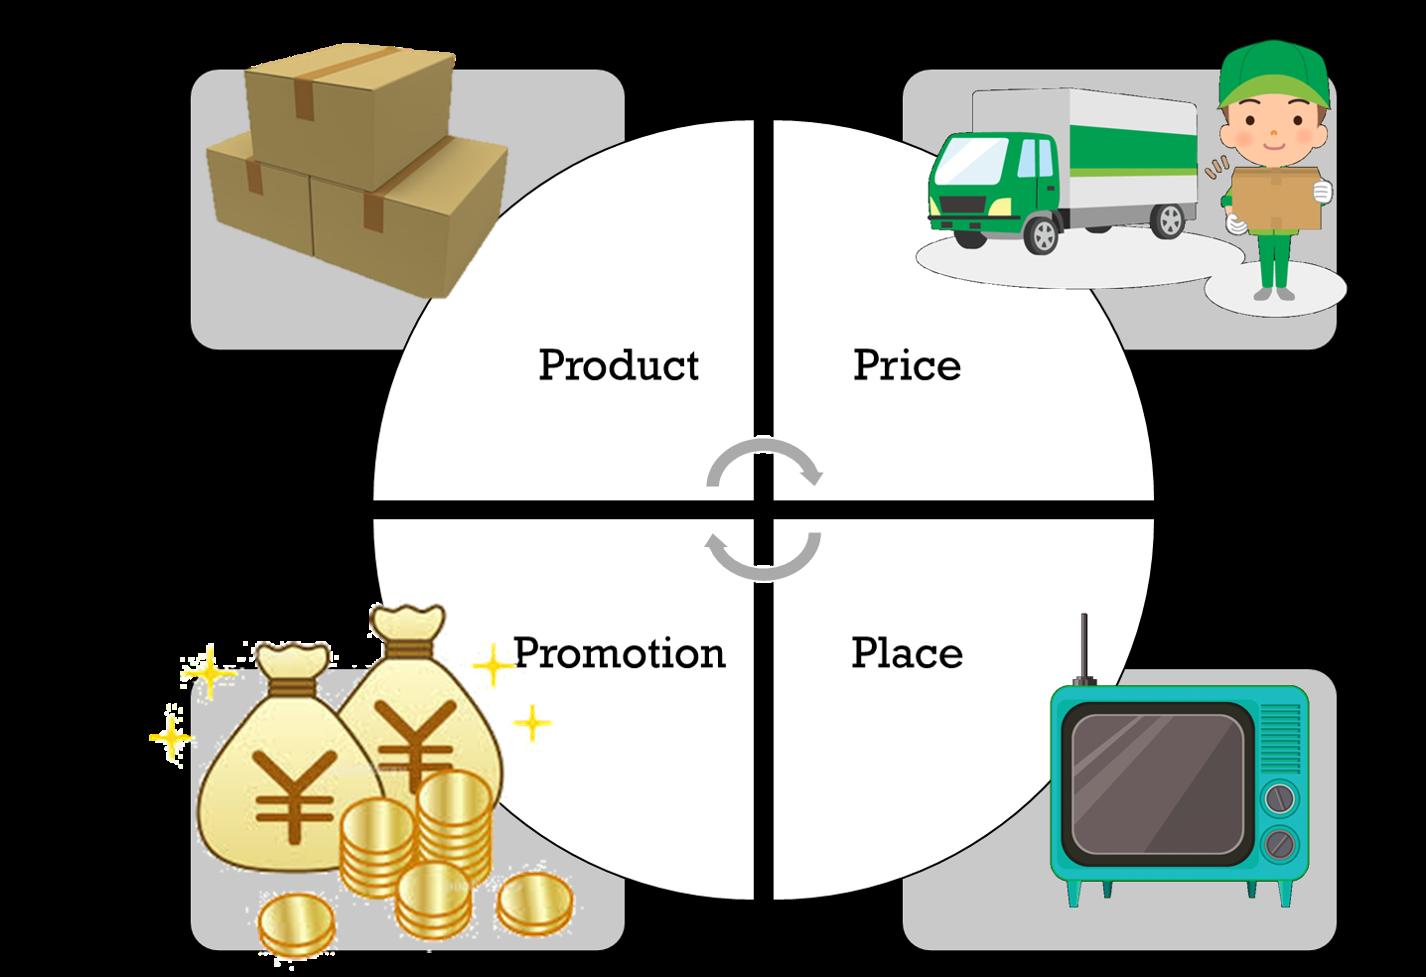 初心者向け【マーケティングフレームワーク|4P】4Pとは?テンプレ付きで手順まで説明